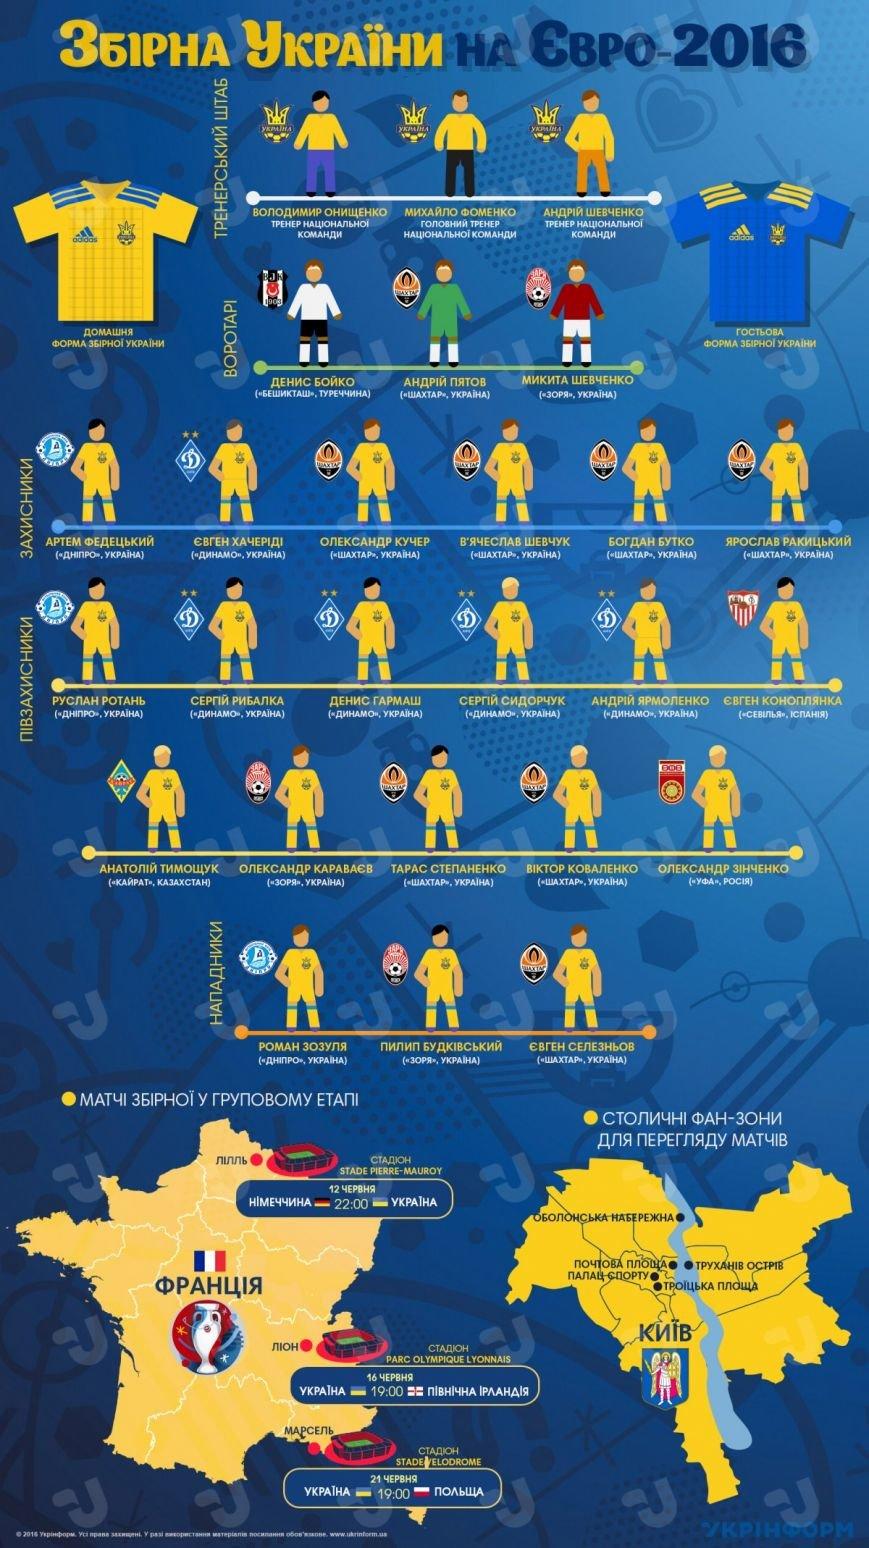 Сборная Украины на Евро-2016 (ИНФОГРАФИКА), фото-1